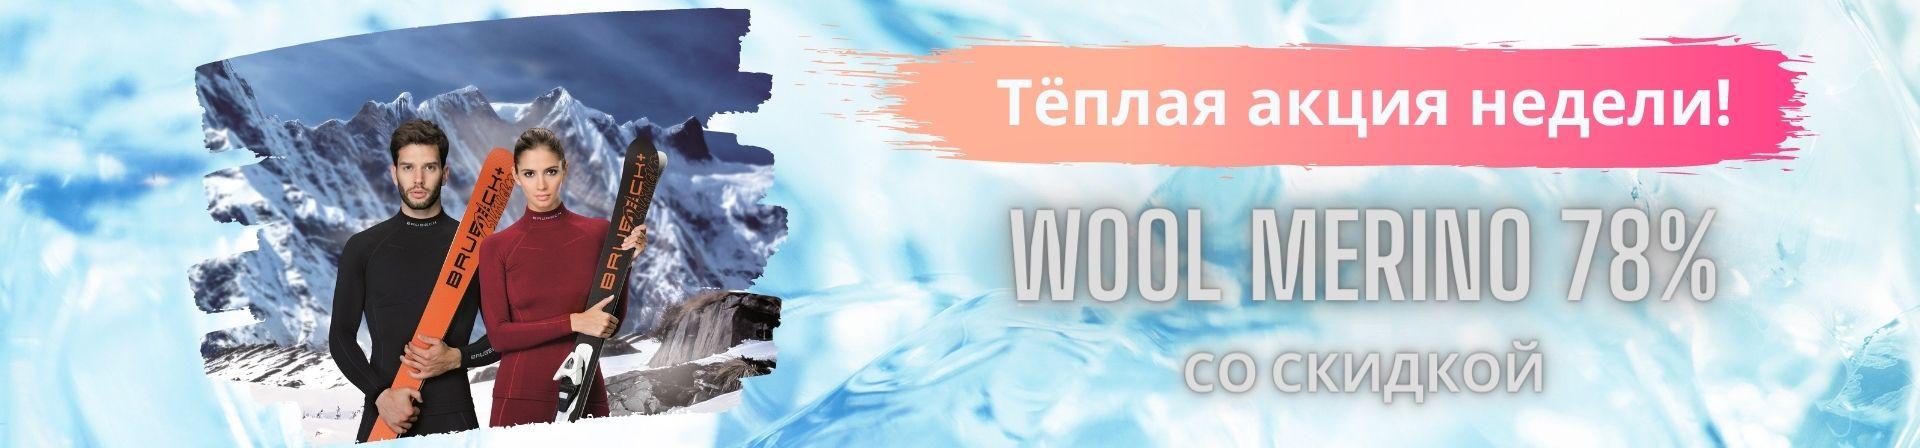 Коллекция Wool Merino 78% со скидкой